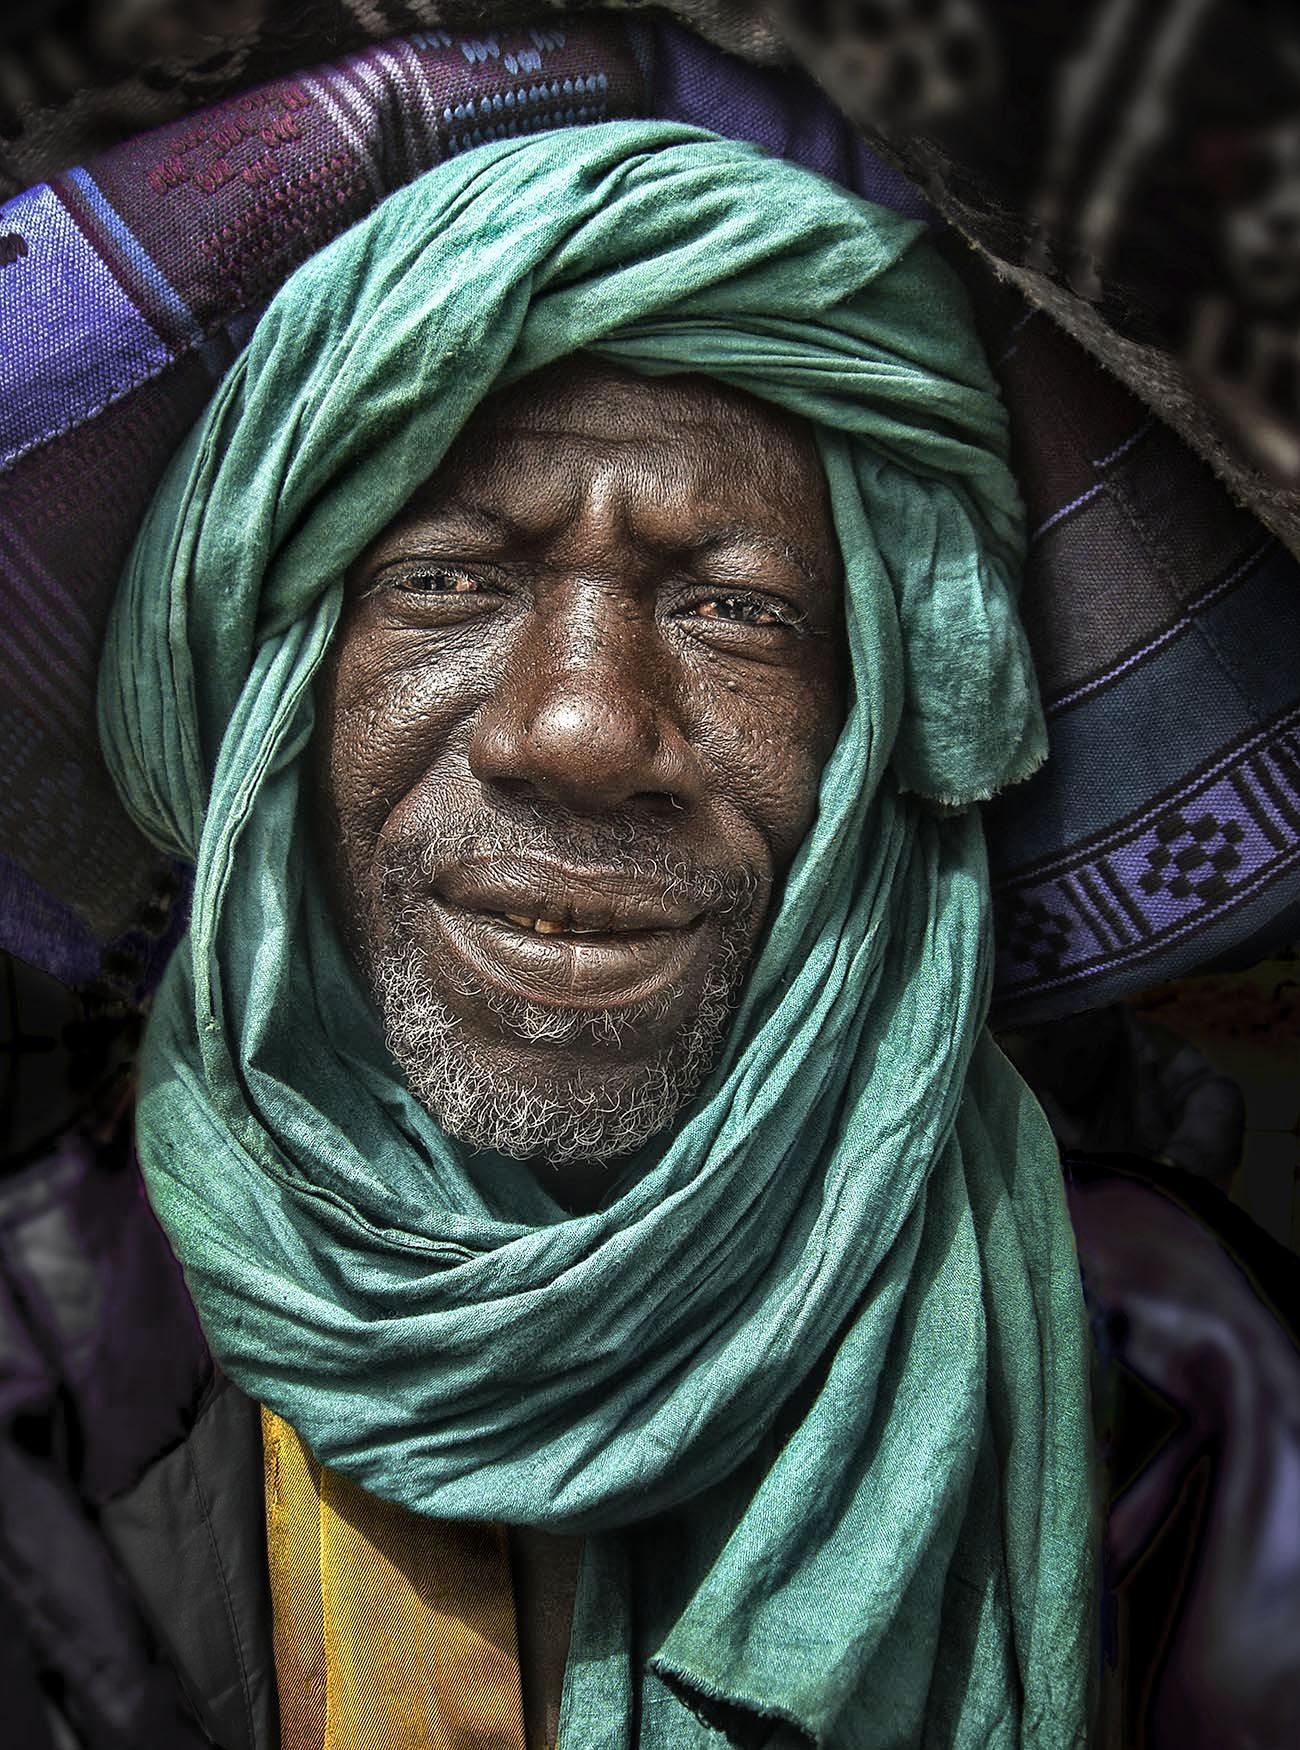 Kledenverkoper, Mali